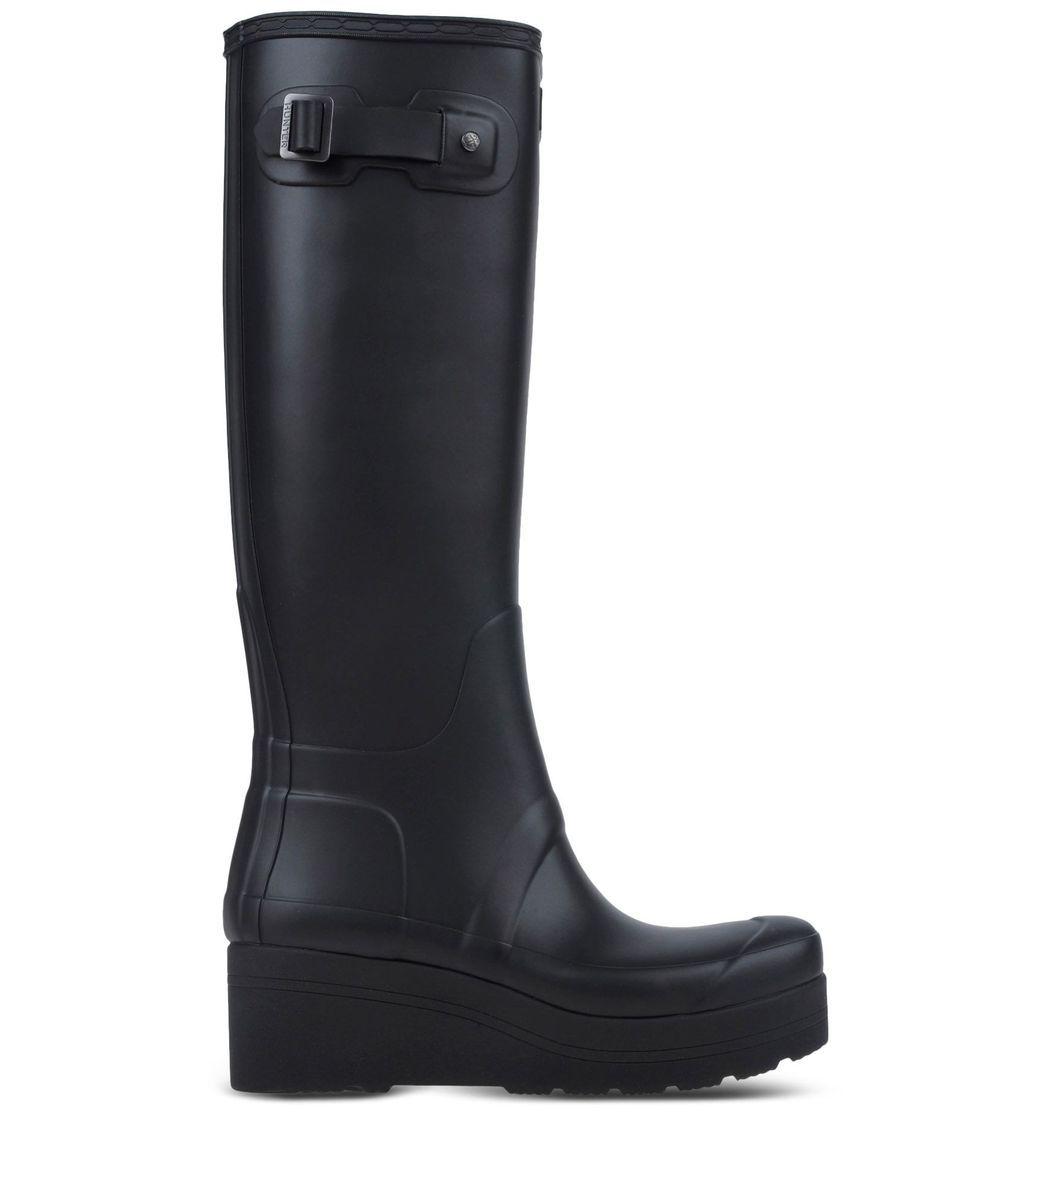 Hunter Black Low Wedge Rain Boot